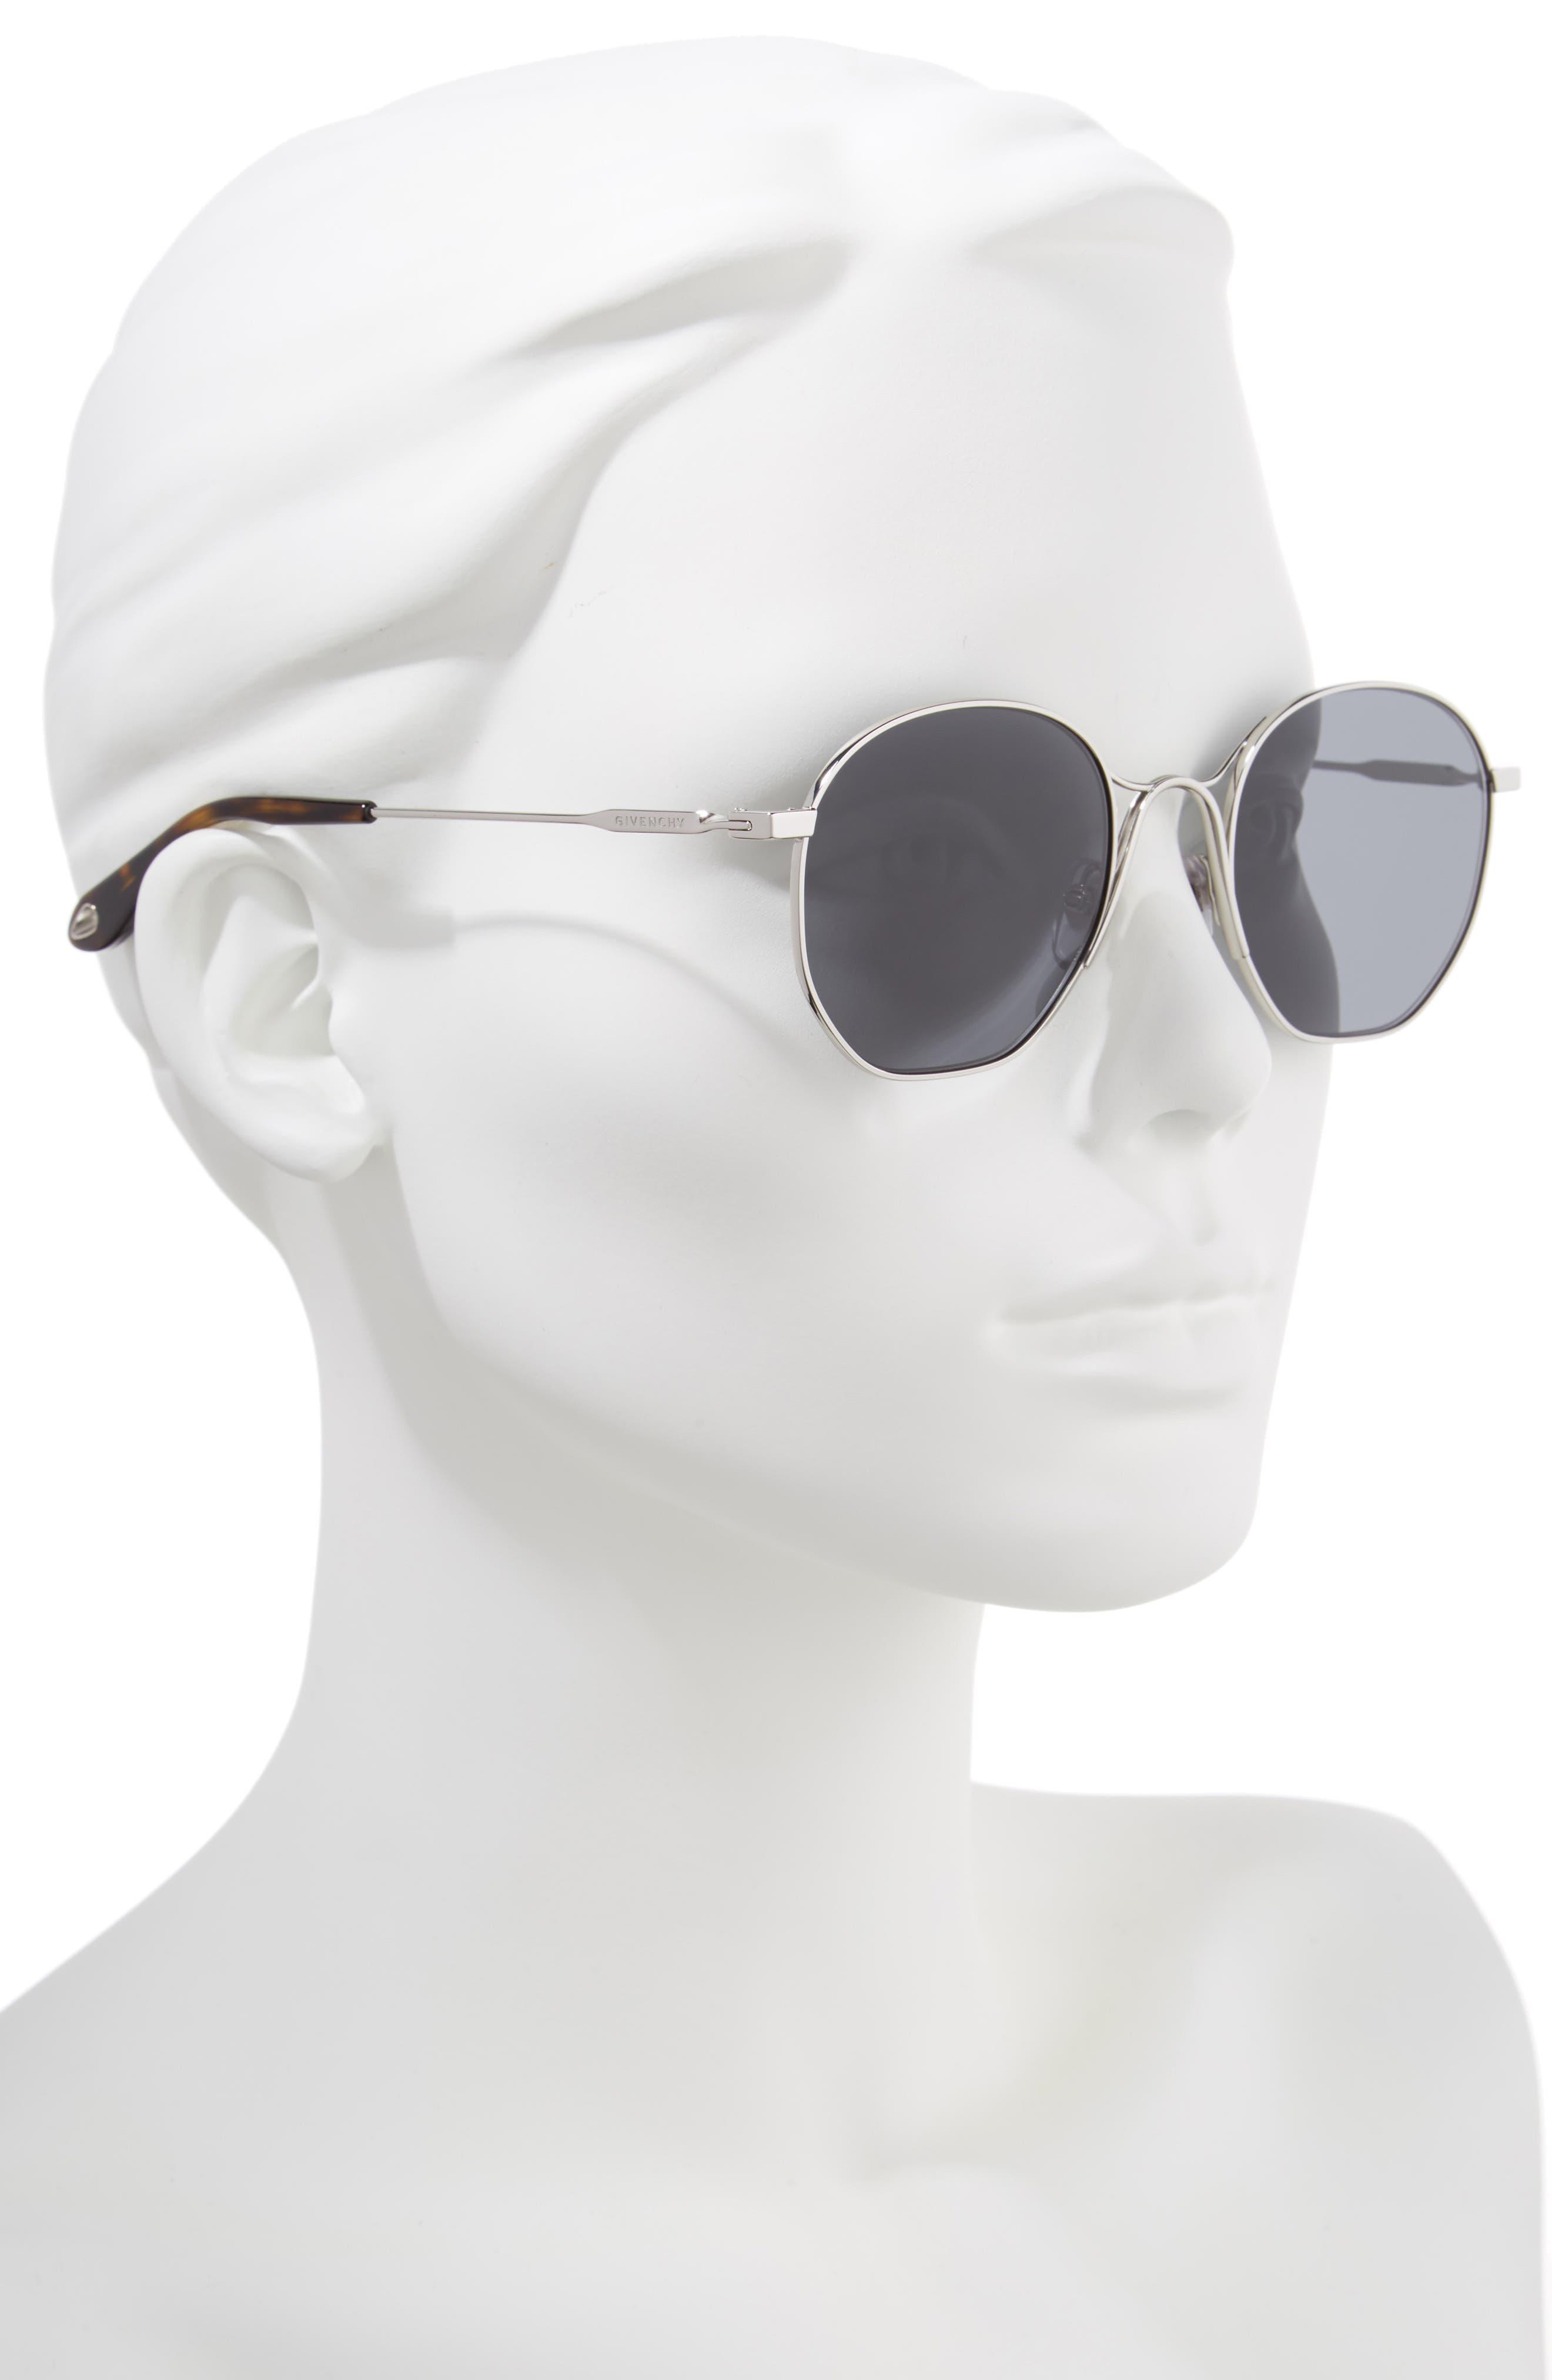 53mm Squared Round Metal Sunglasses,                             Alternate thumbnail 2, color,                             PALLADIUM